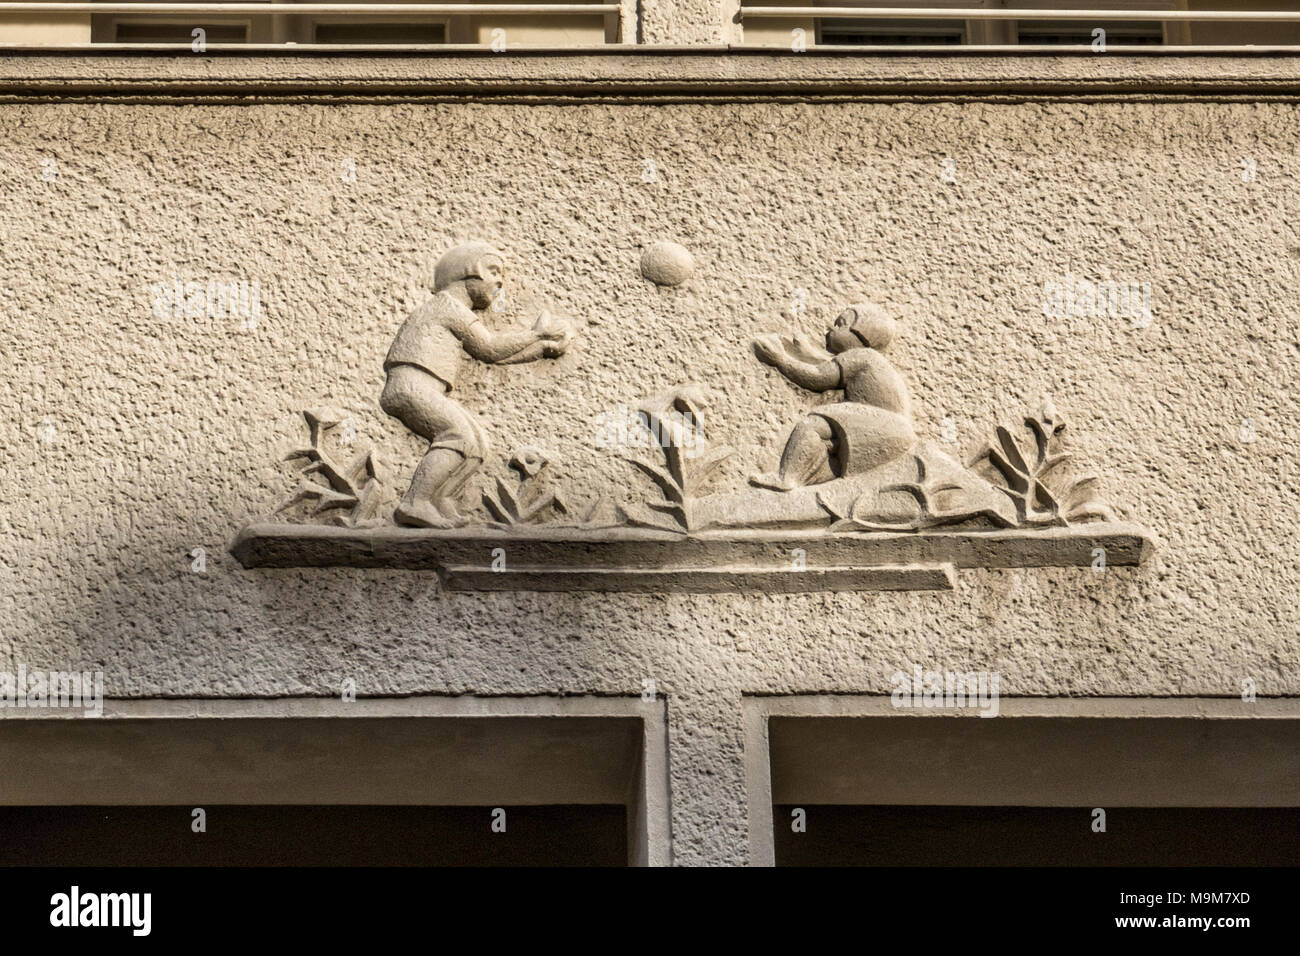 Berlino-schöneberg.Ceciliengärten station wagon costruito 1922 -1927 progettato dall architetto Heinrich Lassen.edificio scultoreo dettaglio illustra la vita di tutti i giorni Immagini Stock